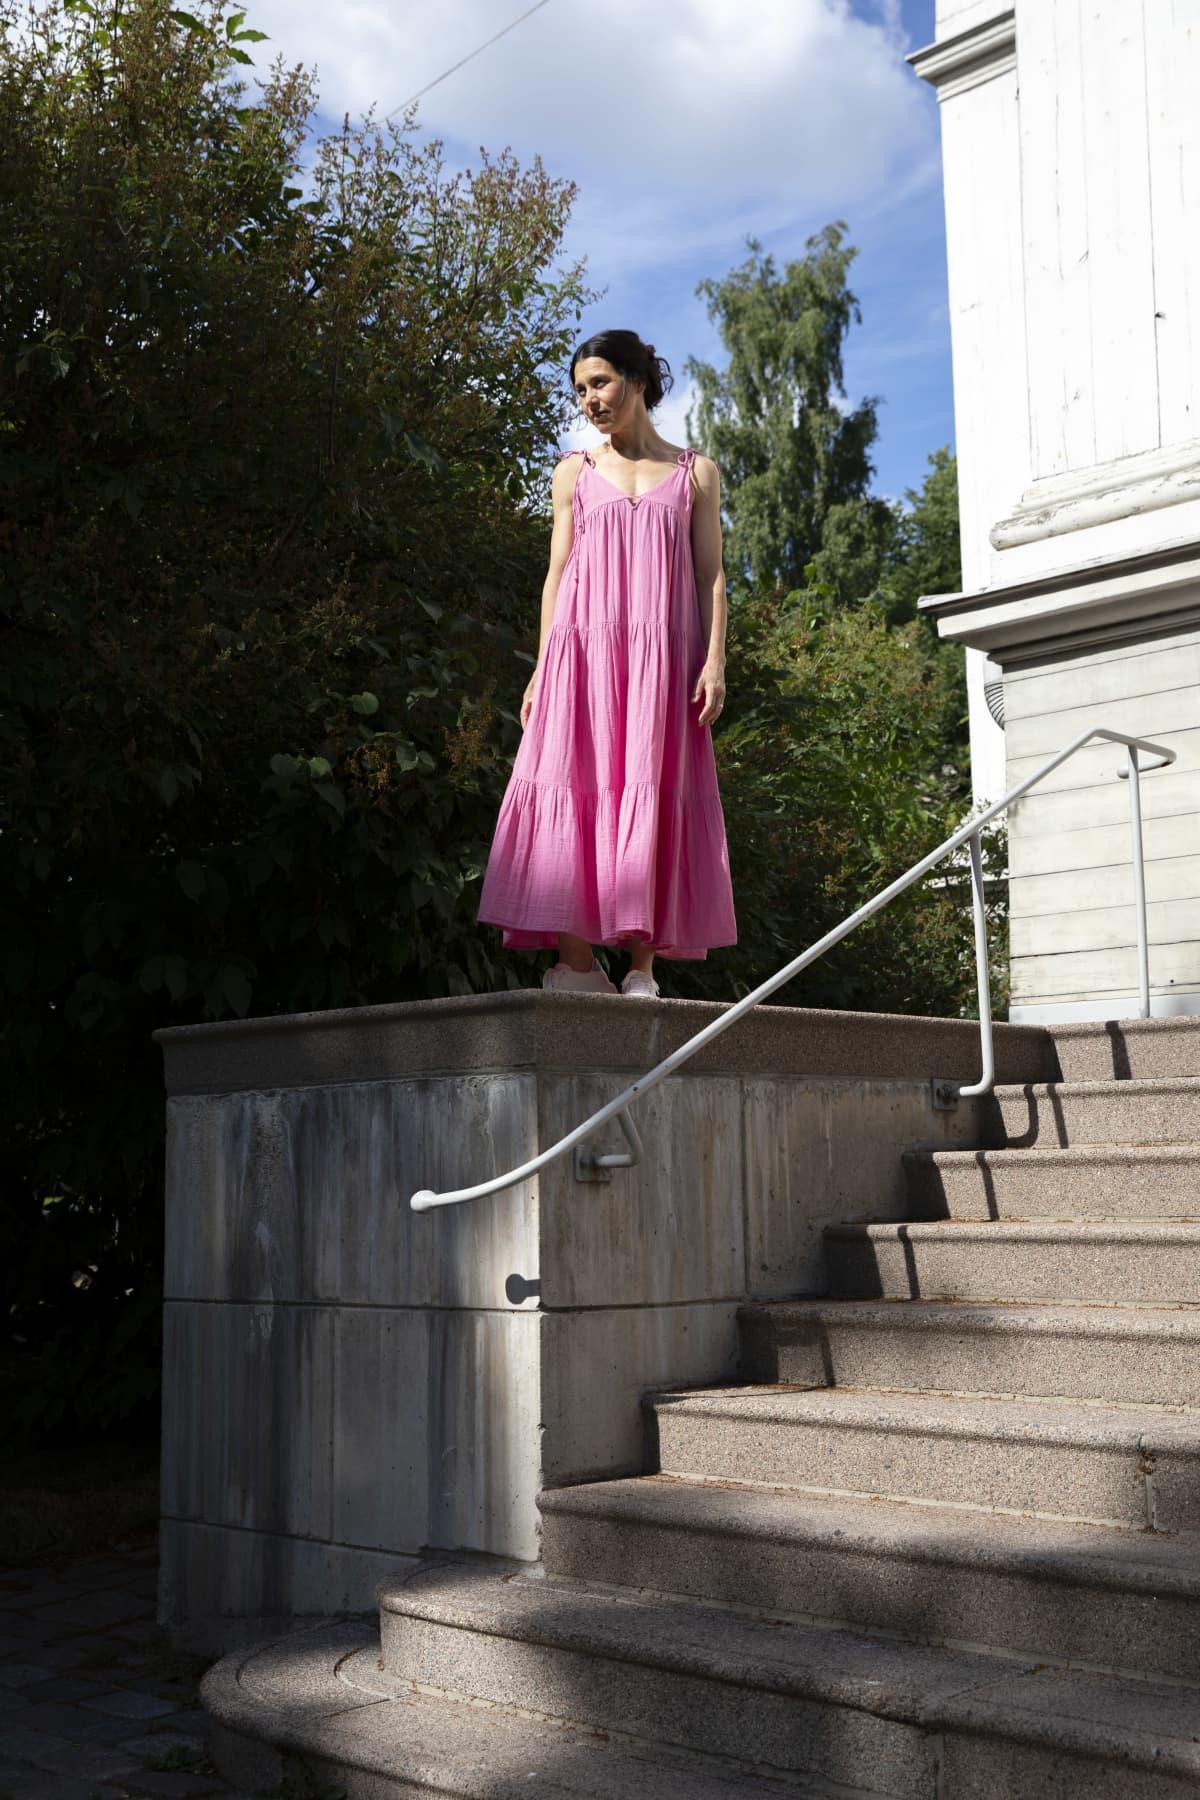 Nainen vaaleanpunaisessa kesämekossa seisoo auringossa rakennuksen isolla porrastasanteella. Aurinko paistaa, nainen katsoo vasemmalle.